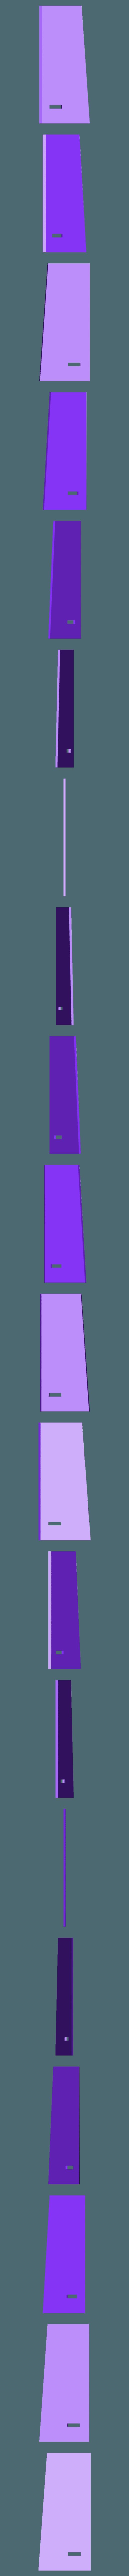 Rudder 1 Rev01.STL Download free STL file V1 Release - New RC Plane • 3D printable design, Trikonics